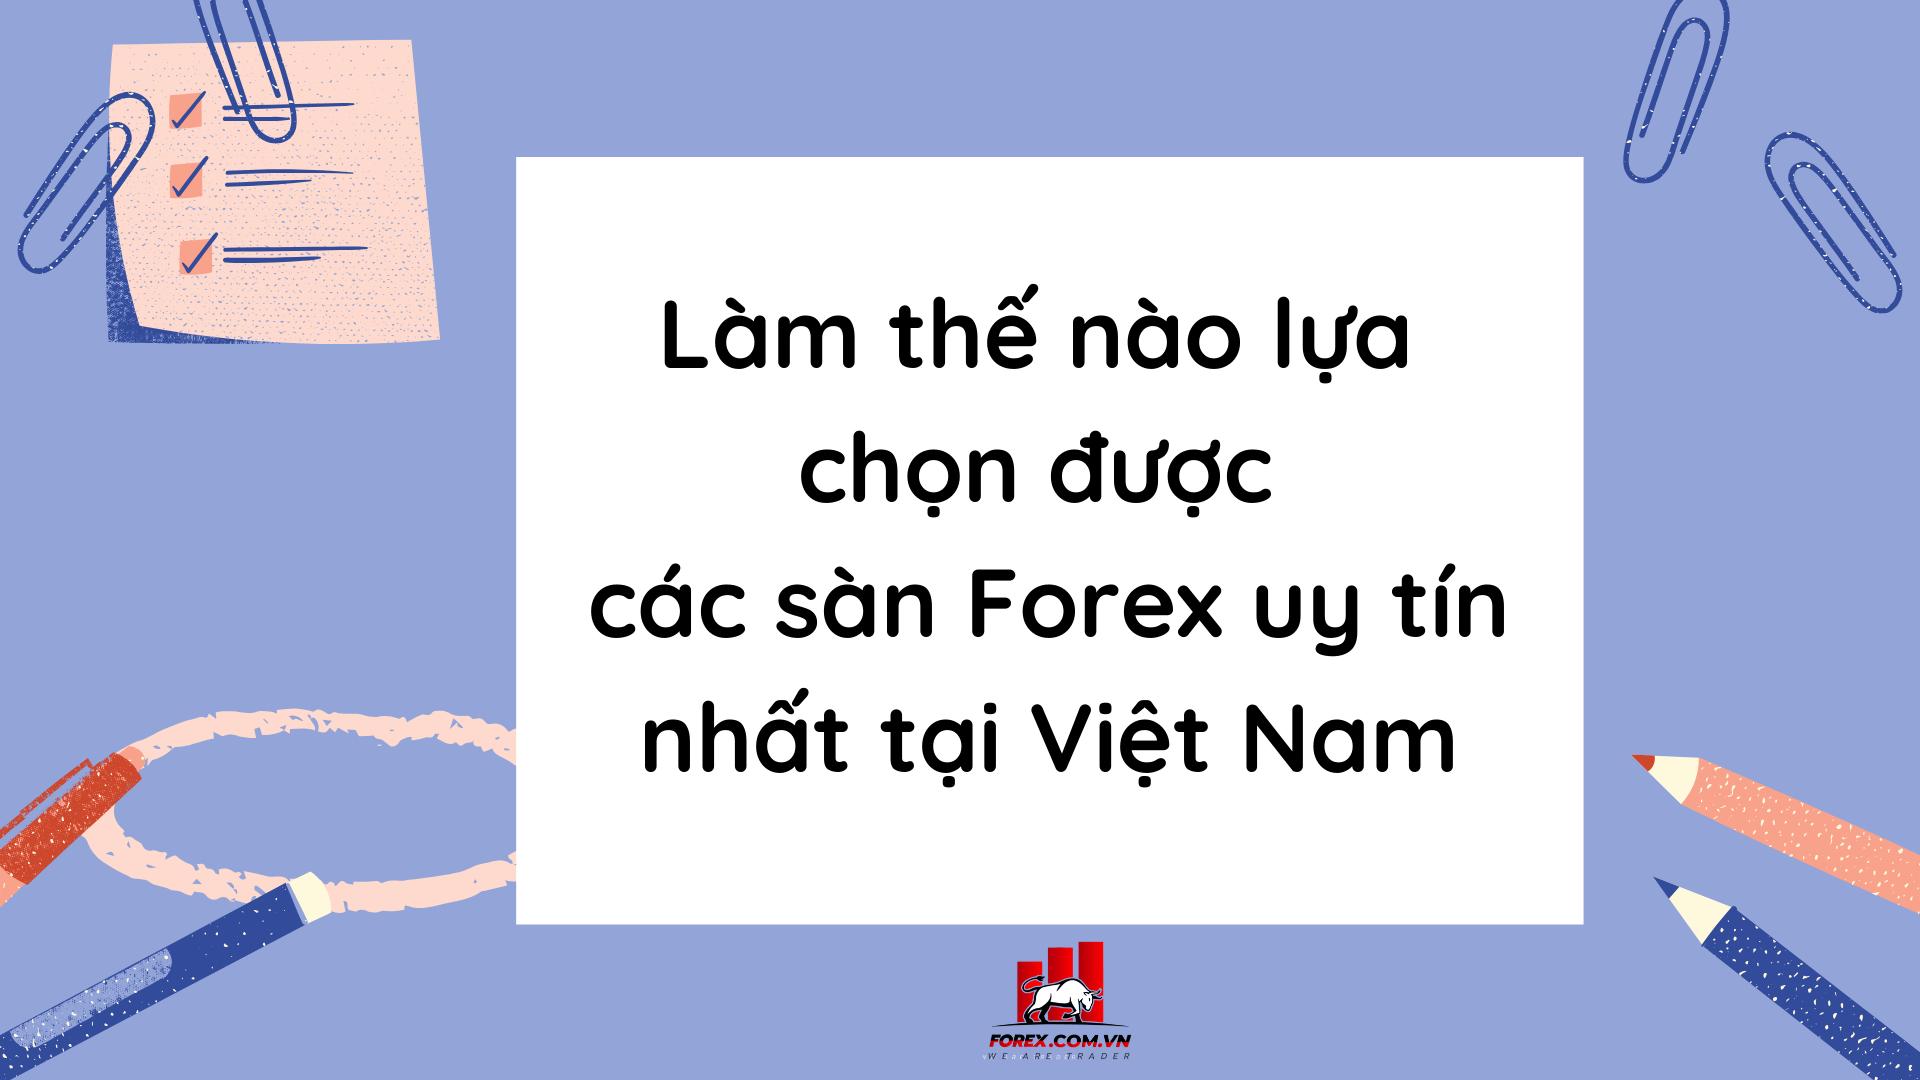 Làm thế nào lựa chọn được các sàn Forex uy tín nhất tại Việt Nam